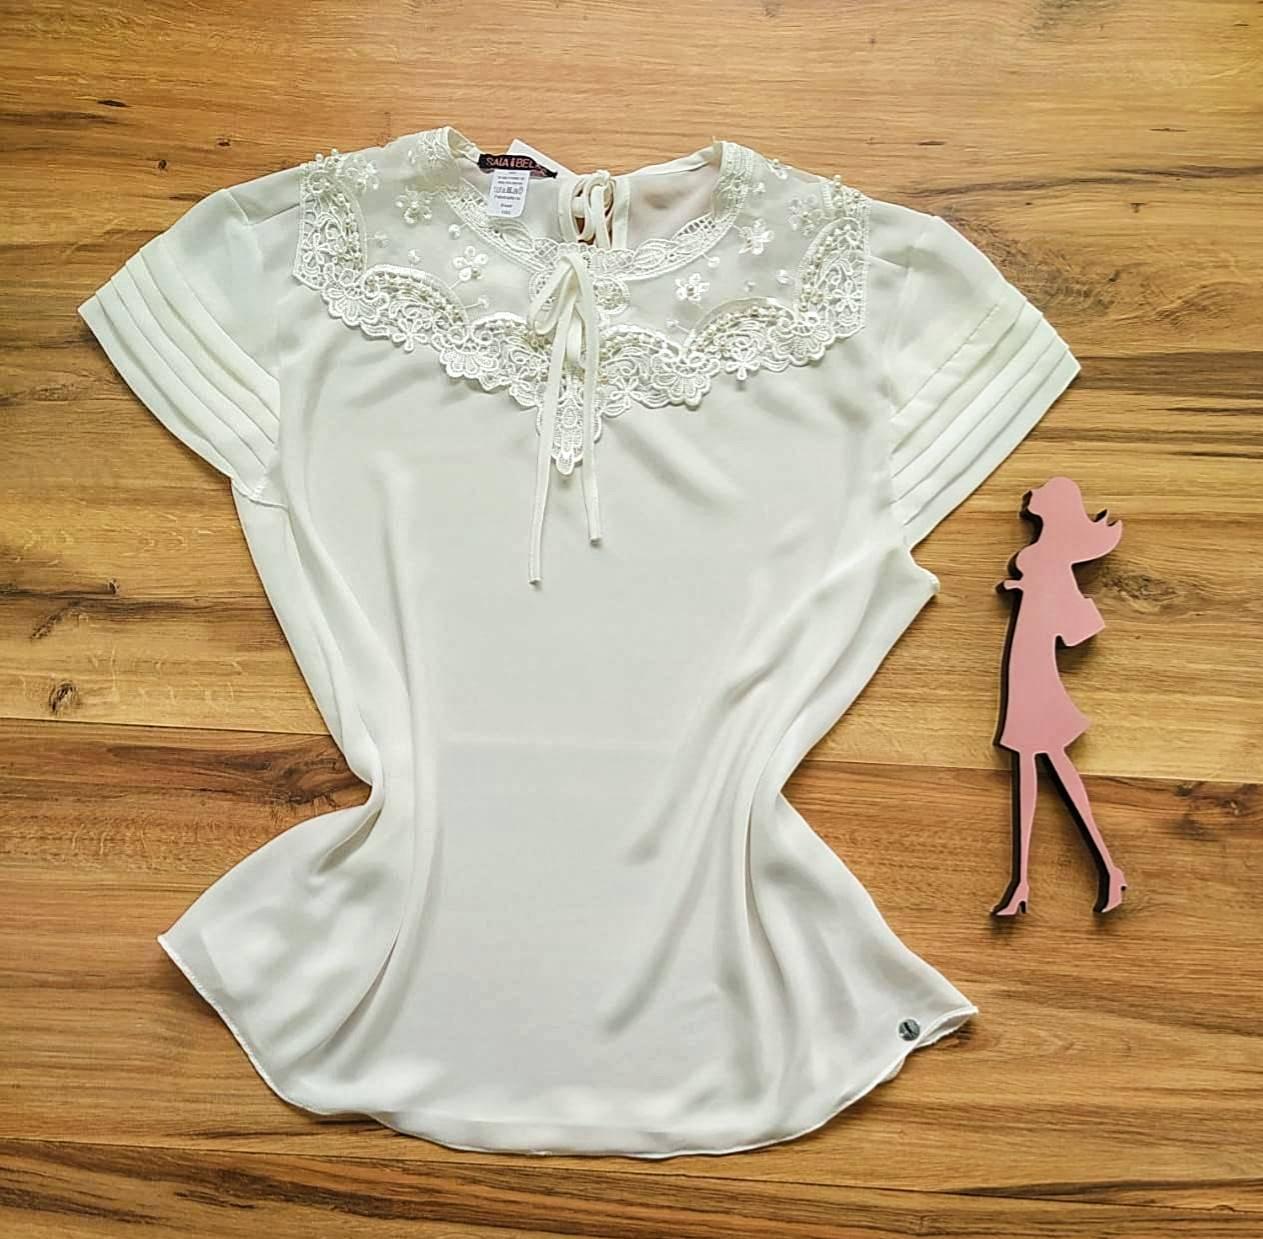 Blusa Nessa de Renda Saia Bella - SB21470 Branco Plus Size